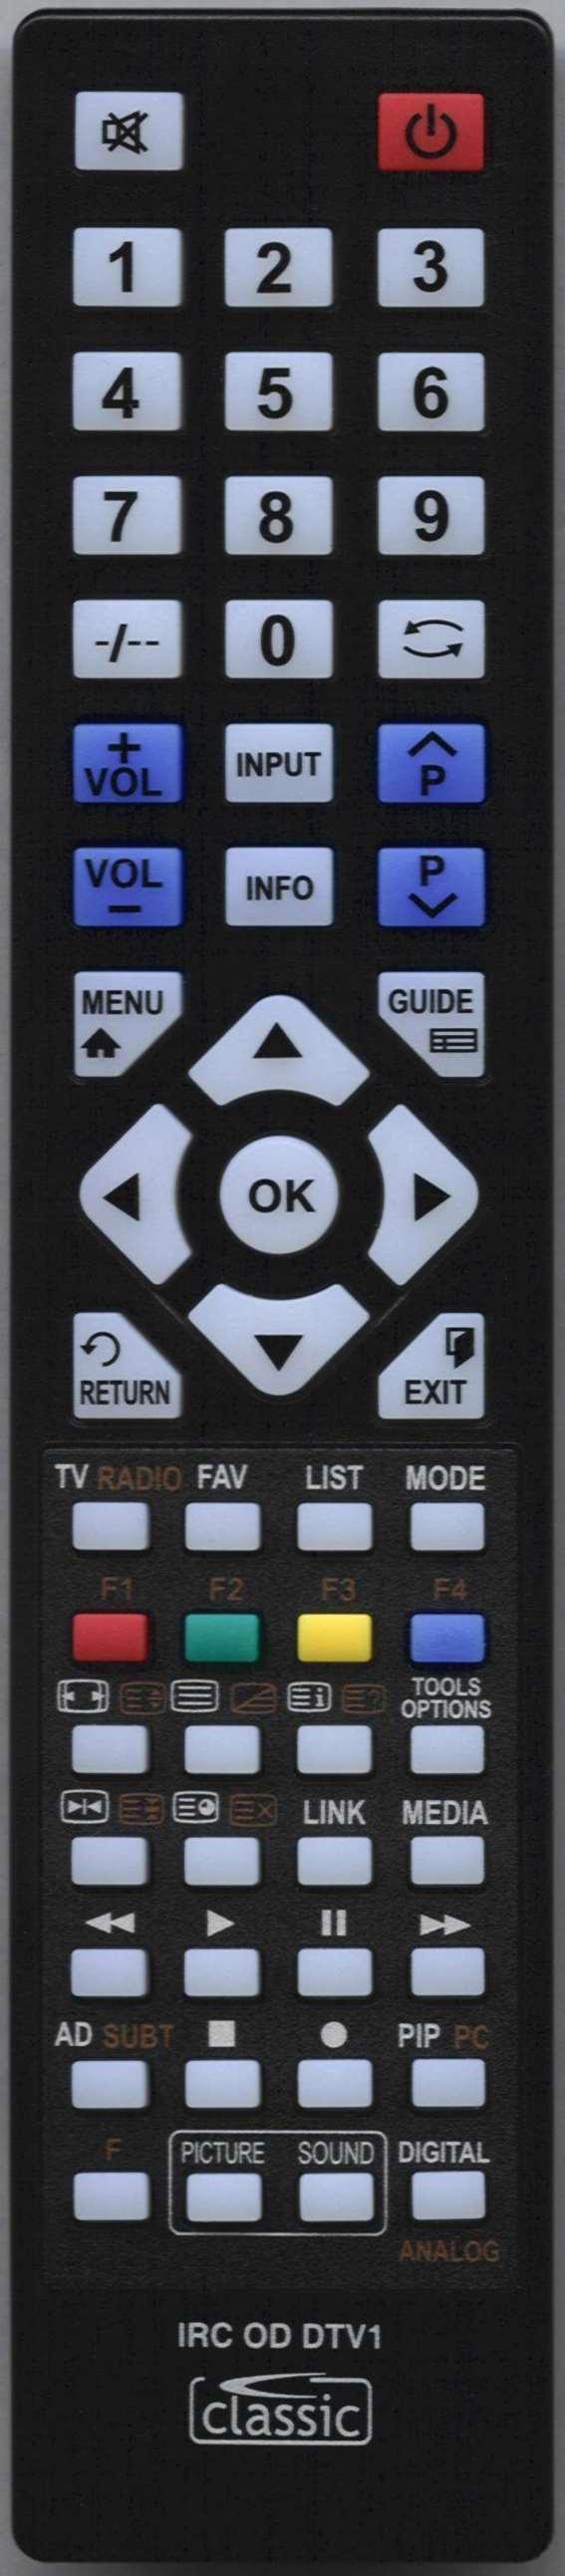 LUXOR LUXC0132004/01 Remote Control Alternative